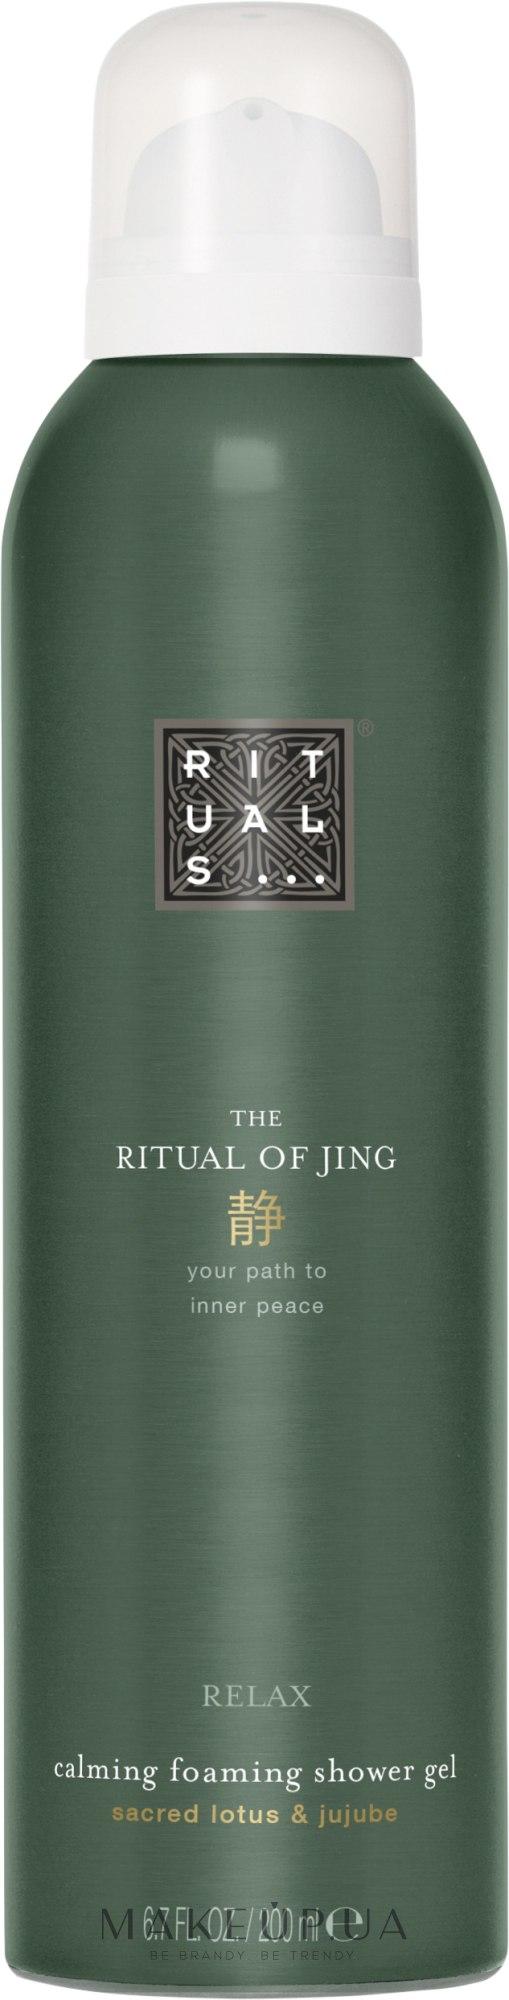 Пенка Ritual of Jing Rituals Италия — фото №1